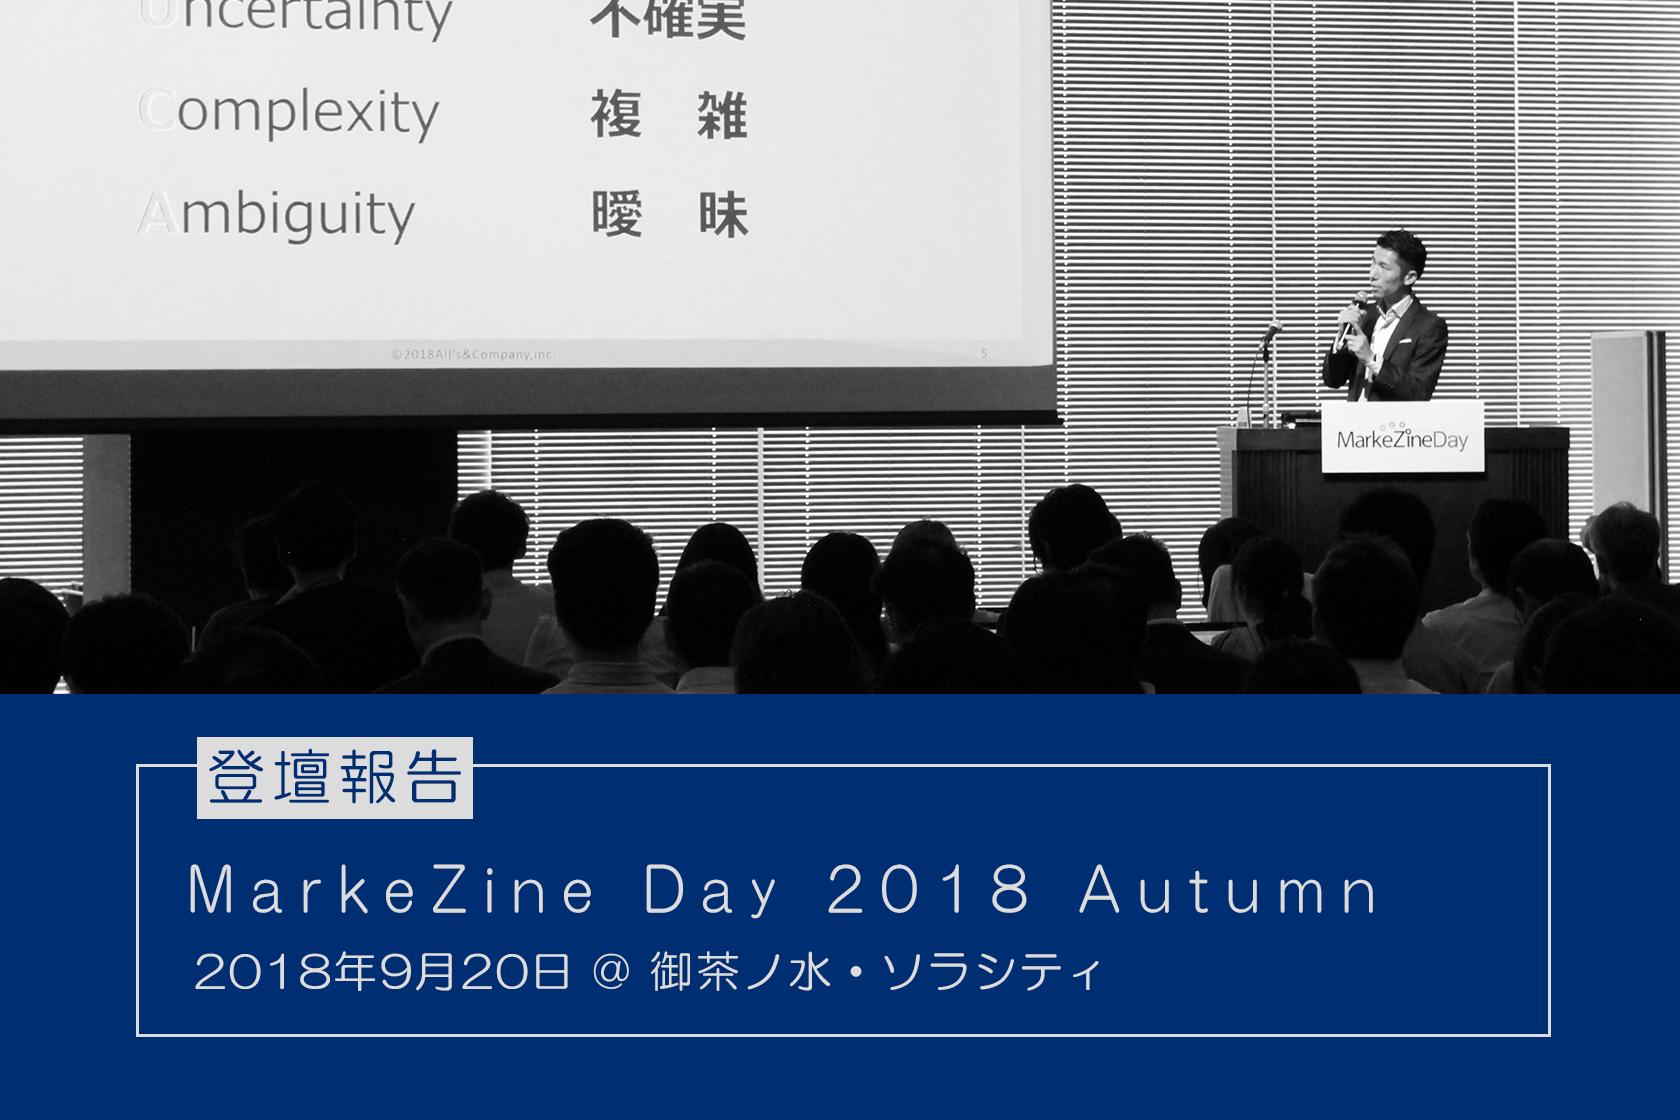 『MarkeZine Day 2018 Autumn』に登壇しました